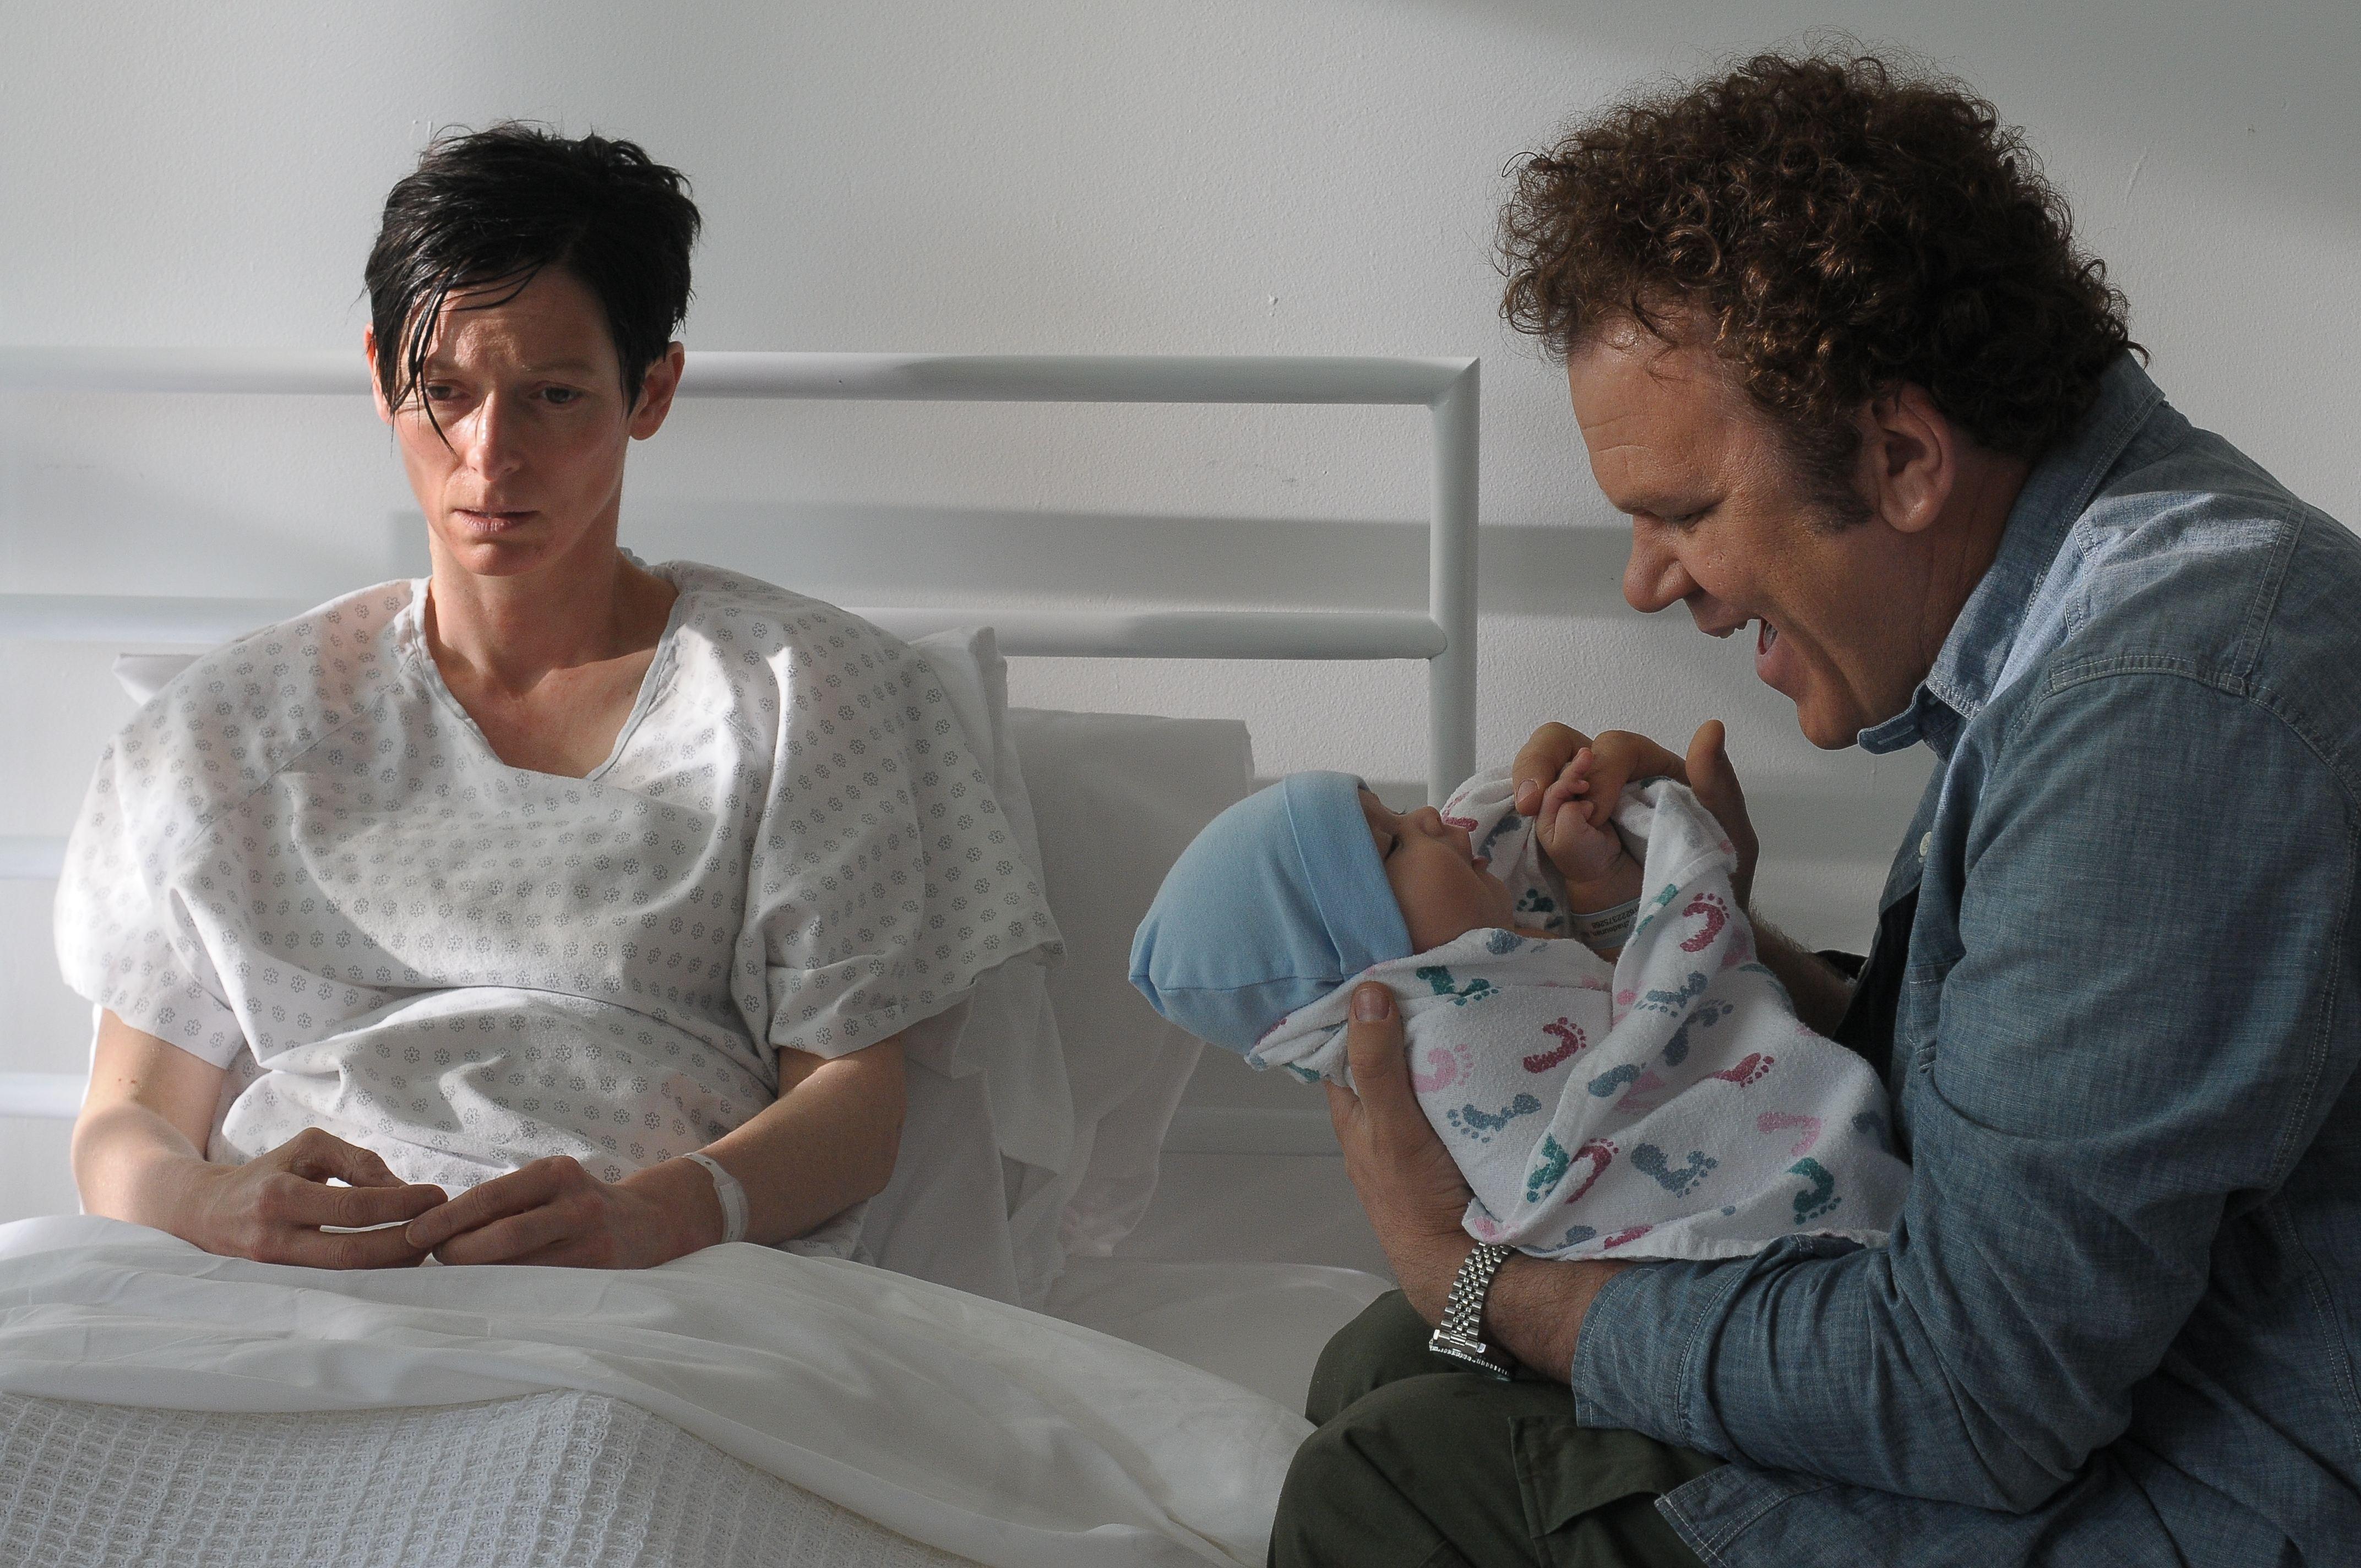 кадры из фильма Что-то не так с Кевином Тильда Суинтон, Джон Си Рэйли,